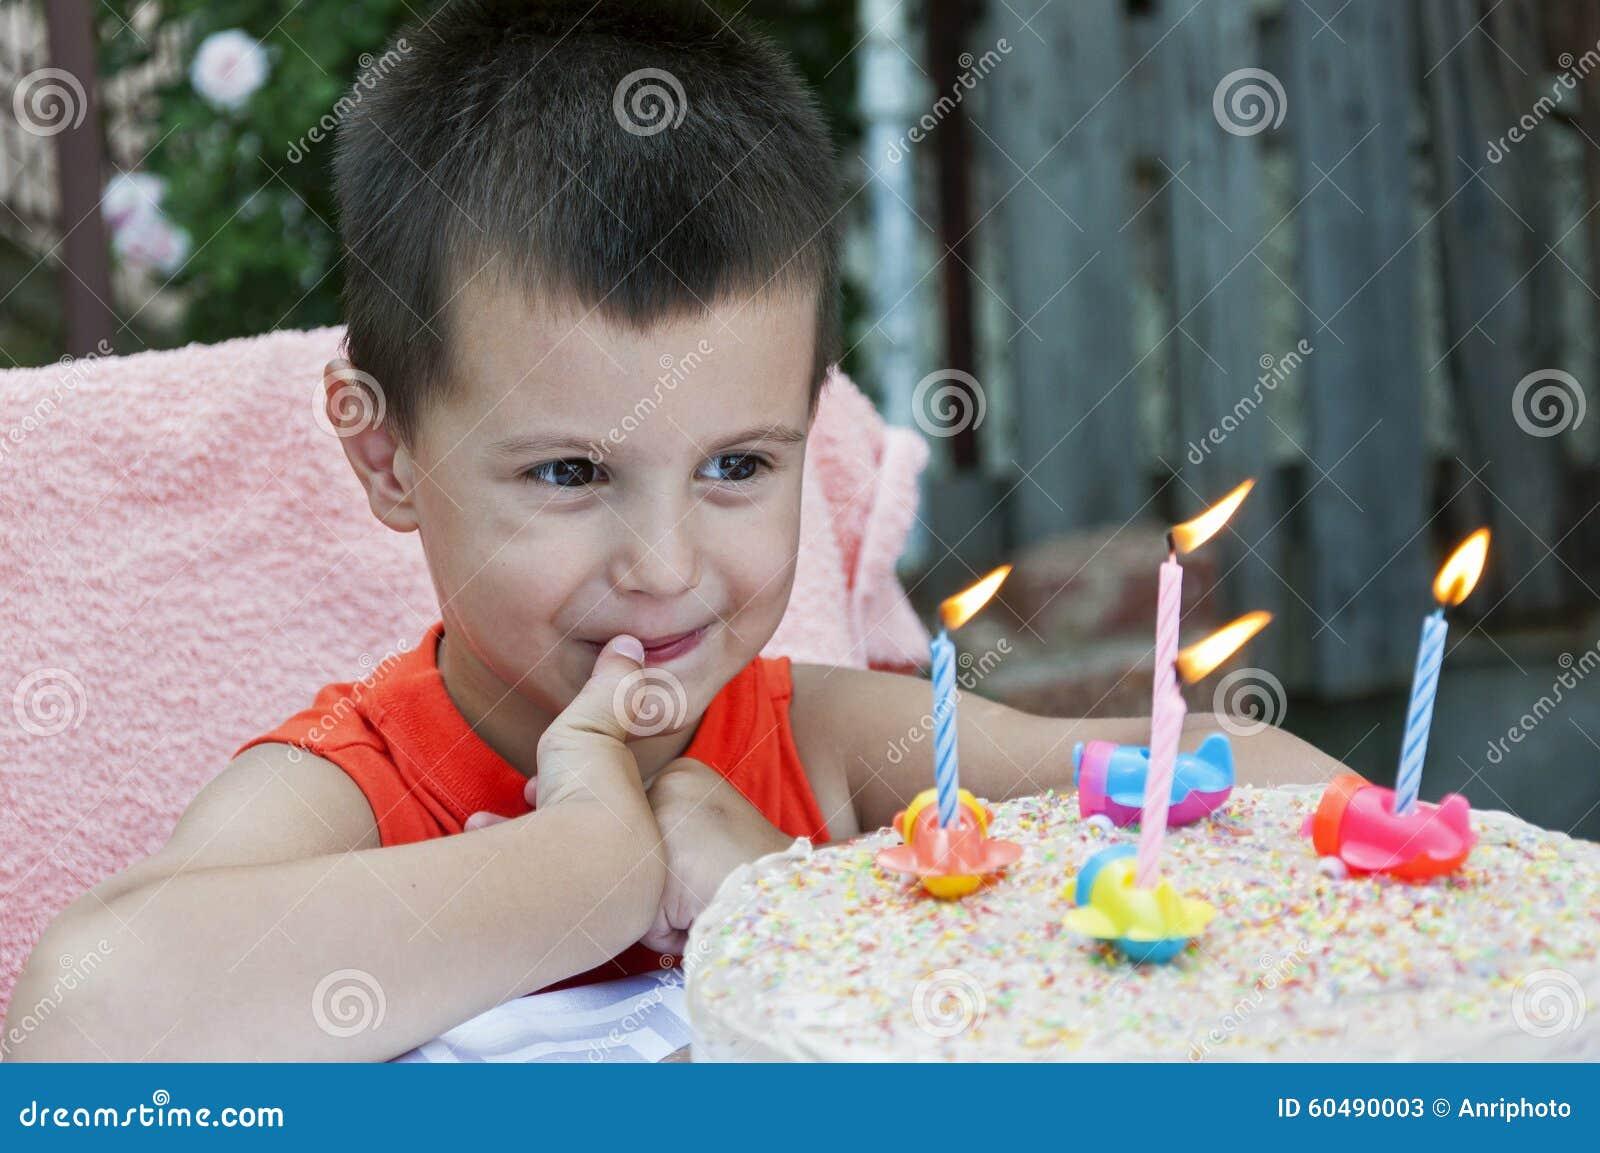 Geburtstag Kleinkind